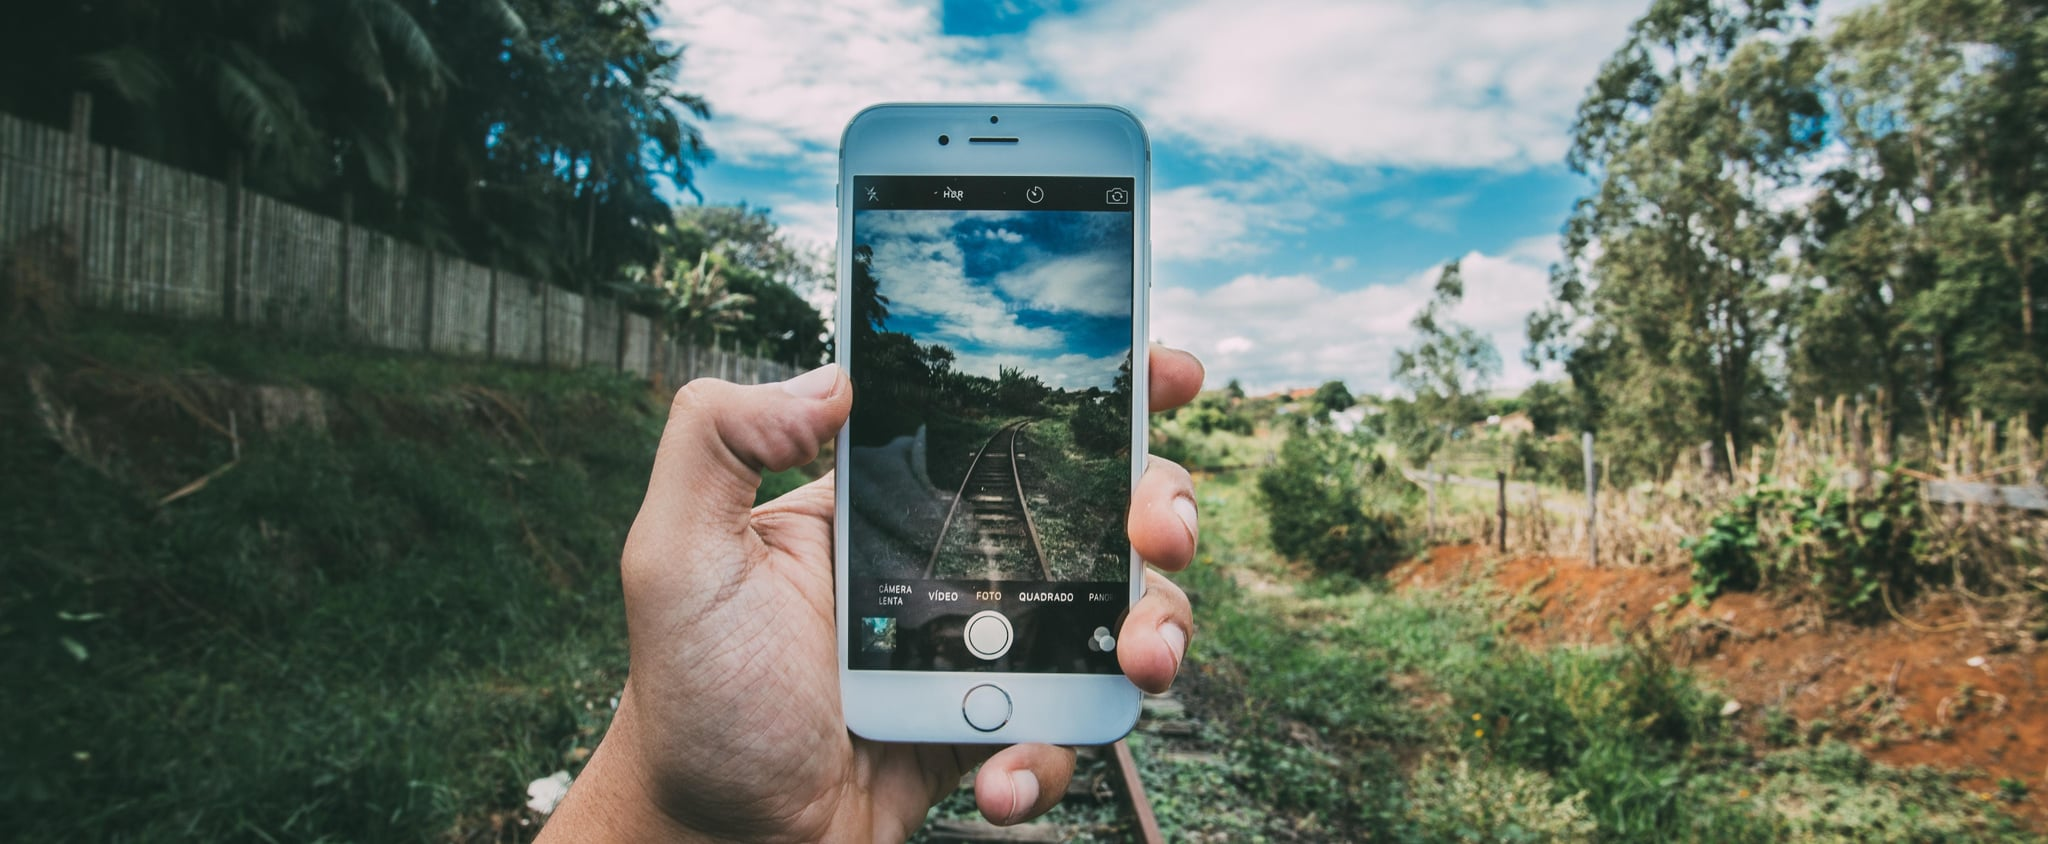 طريقة التقاط الصور بالآيفون عندما تكون الذاكرة ممتلئة